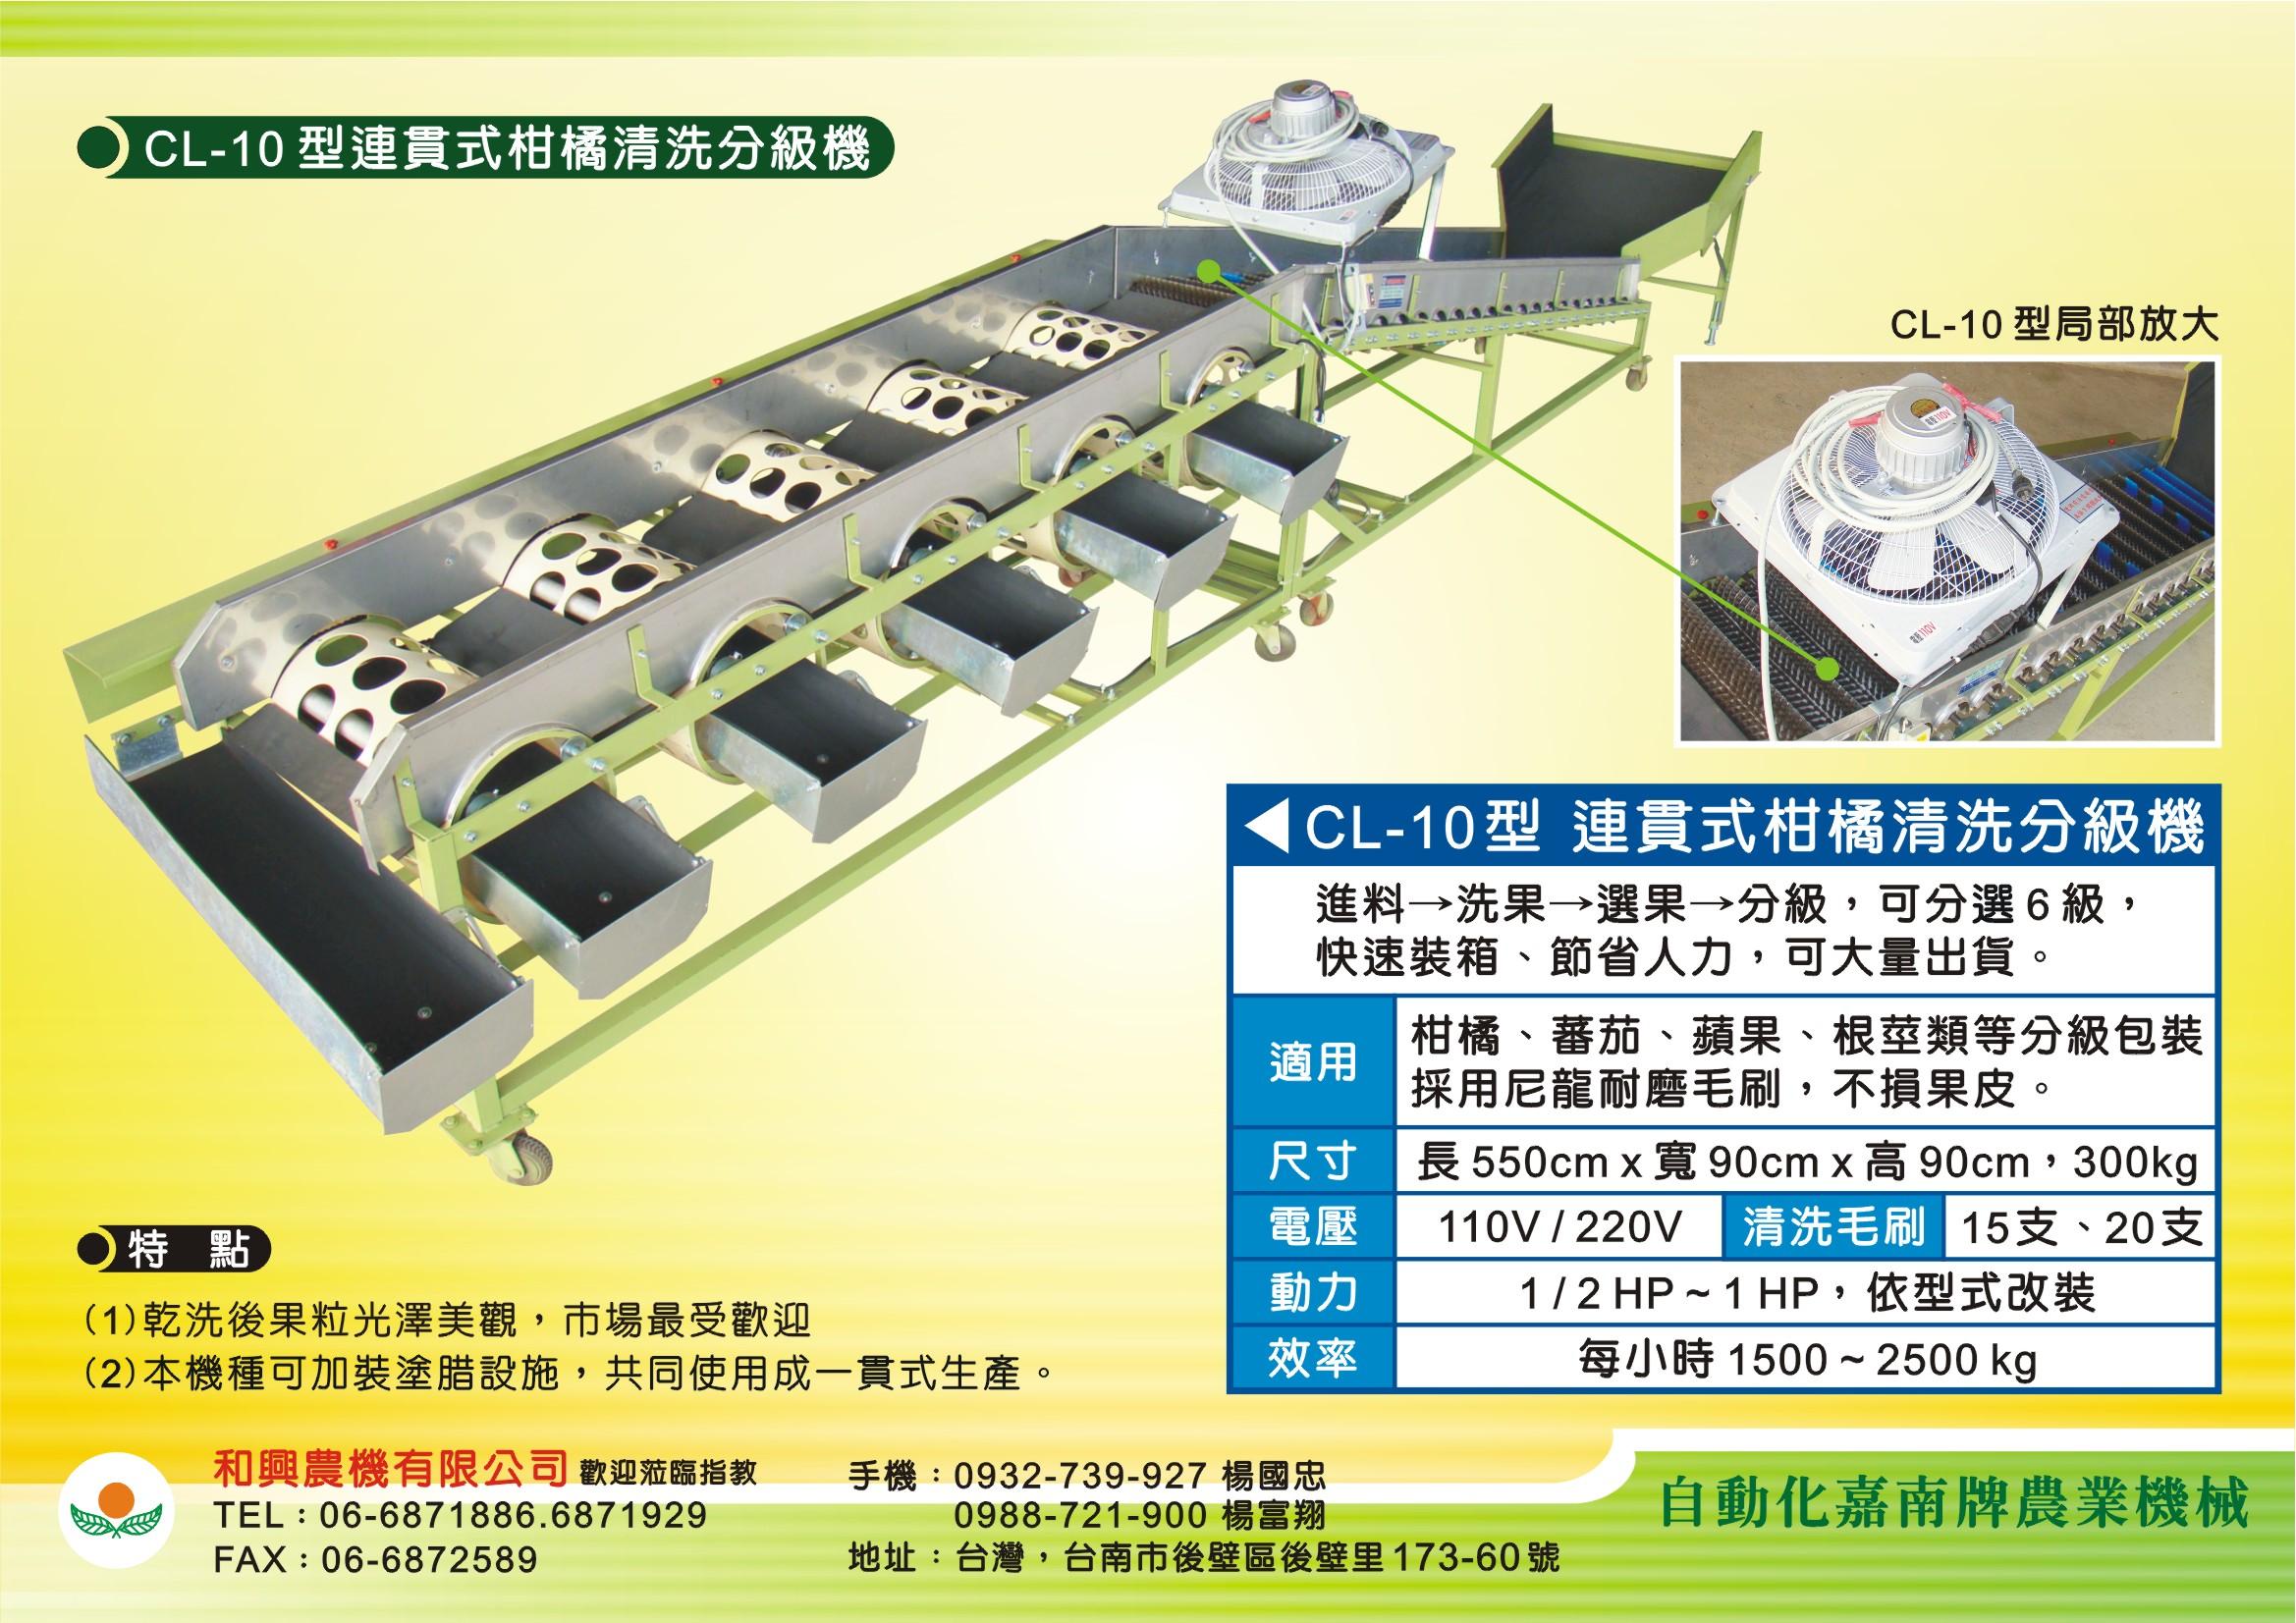 和興農機_機器說明CL-10.jpg